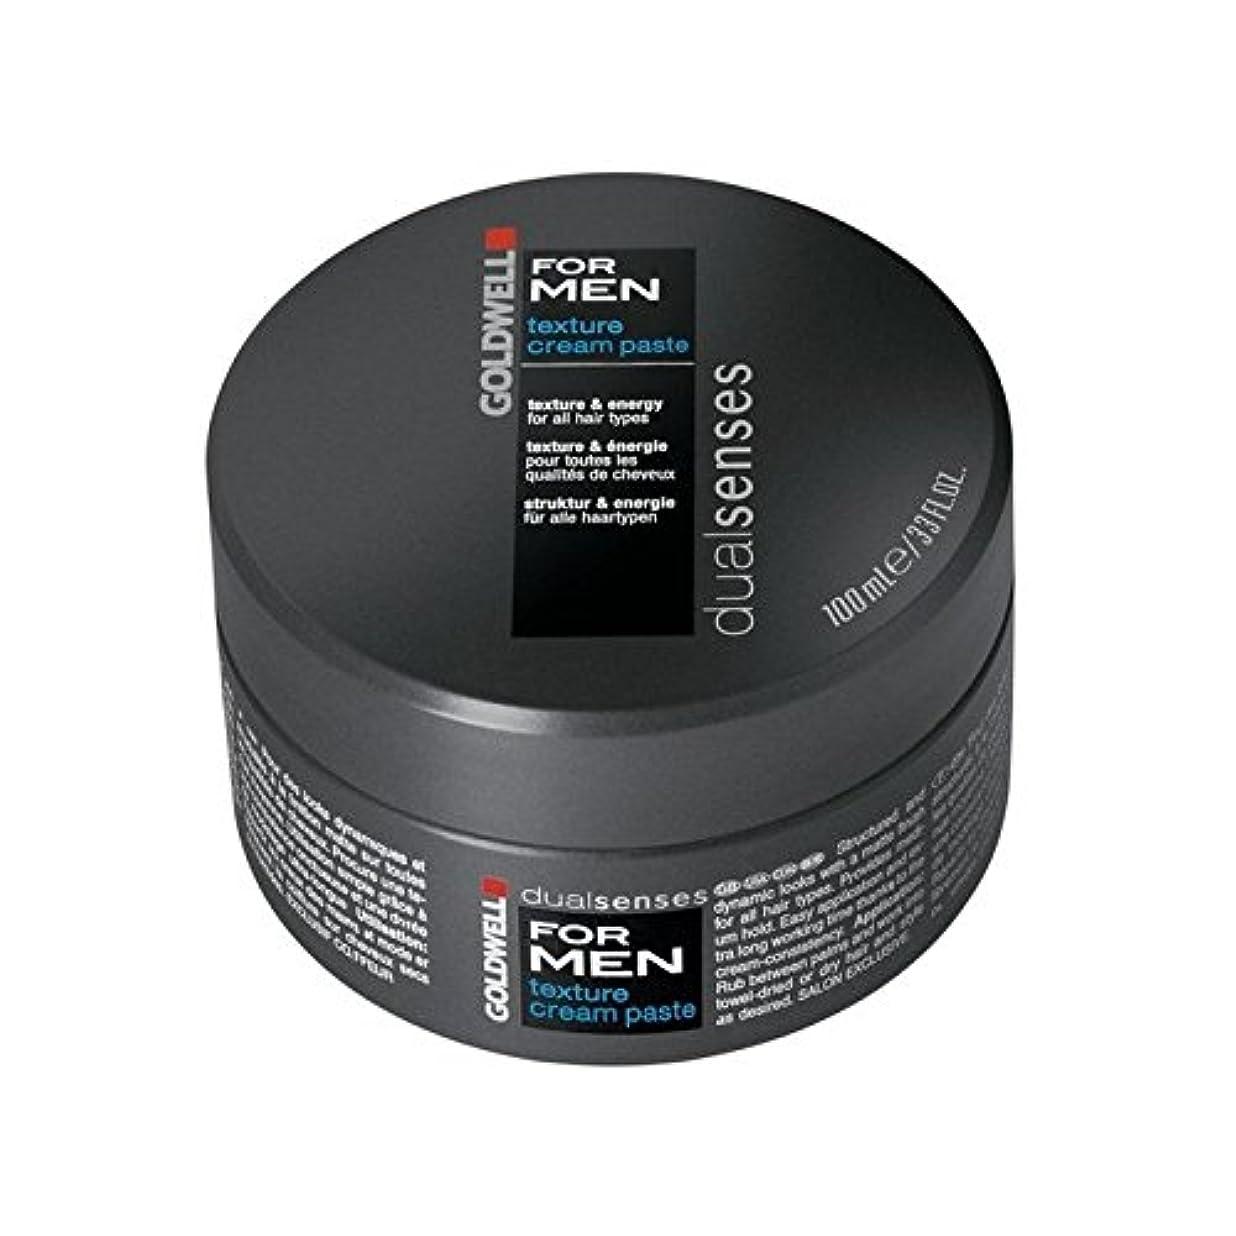 バング厳密に恐れる男性のテクスチャーのクリームペースト(100ミリリットル)のためのの x2 - Goldwell Dualsenses For Men Texture Cream Paste (100ml) (Pack of 2) [並行輸入品]